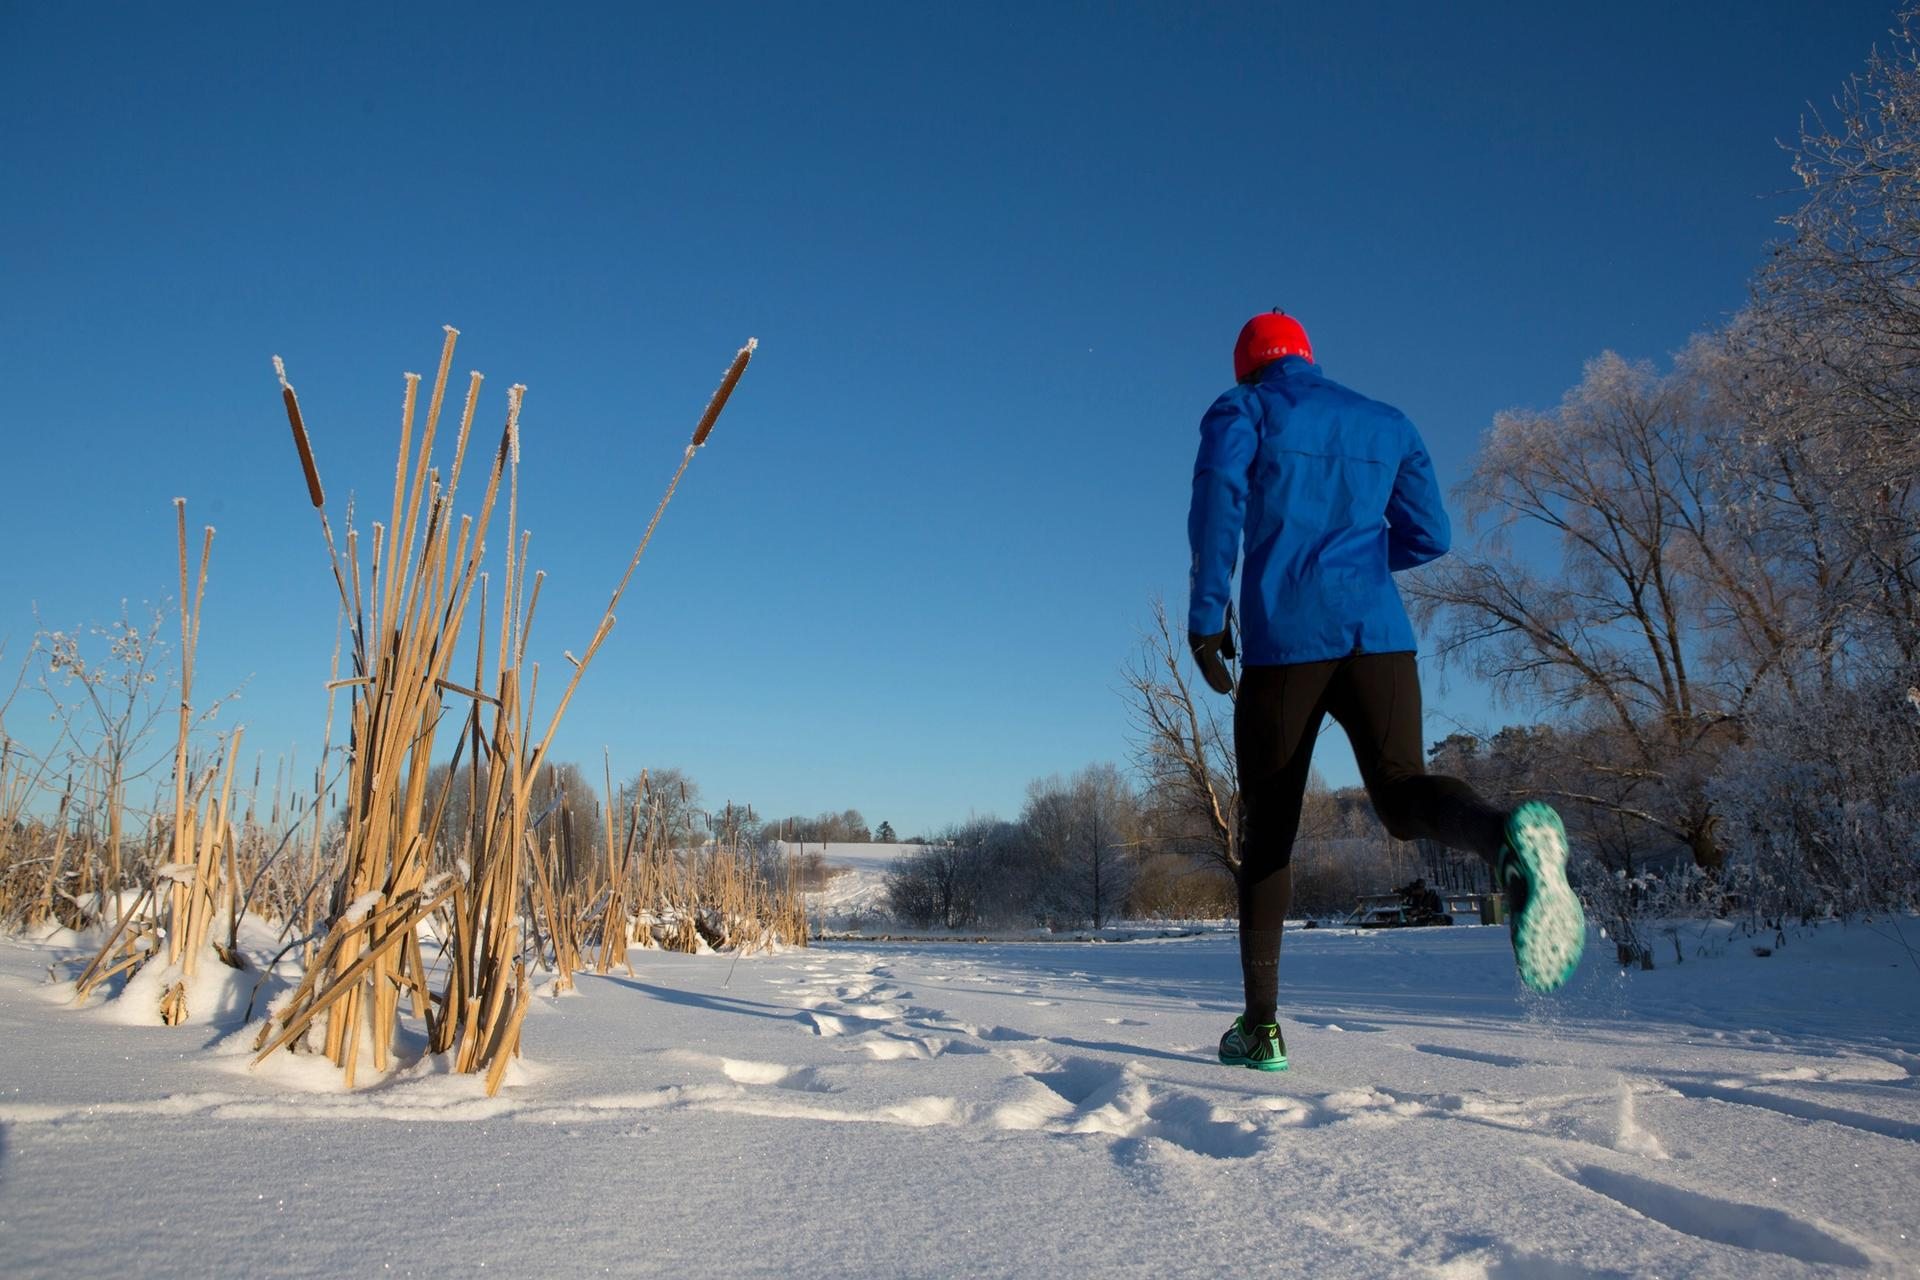 Mann løper om vinteren på snø